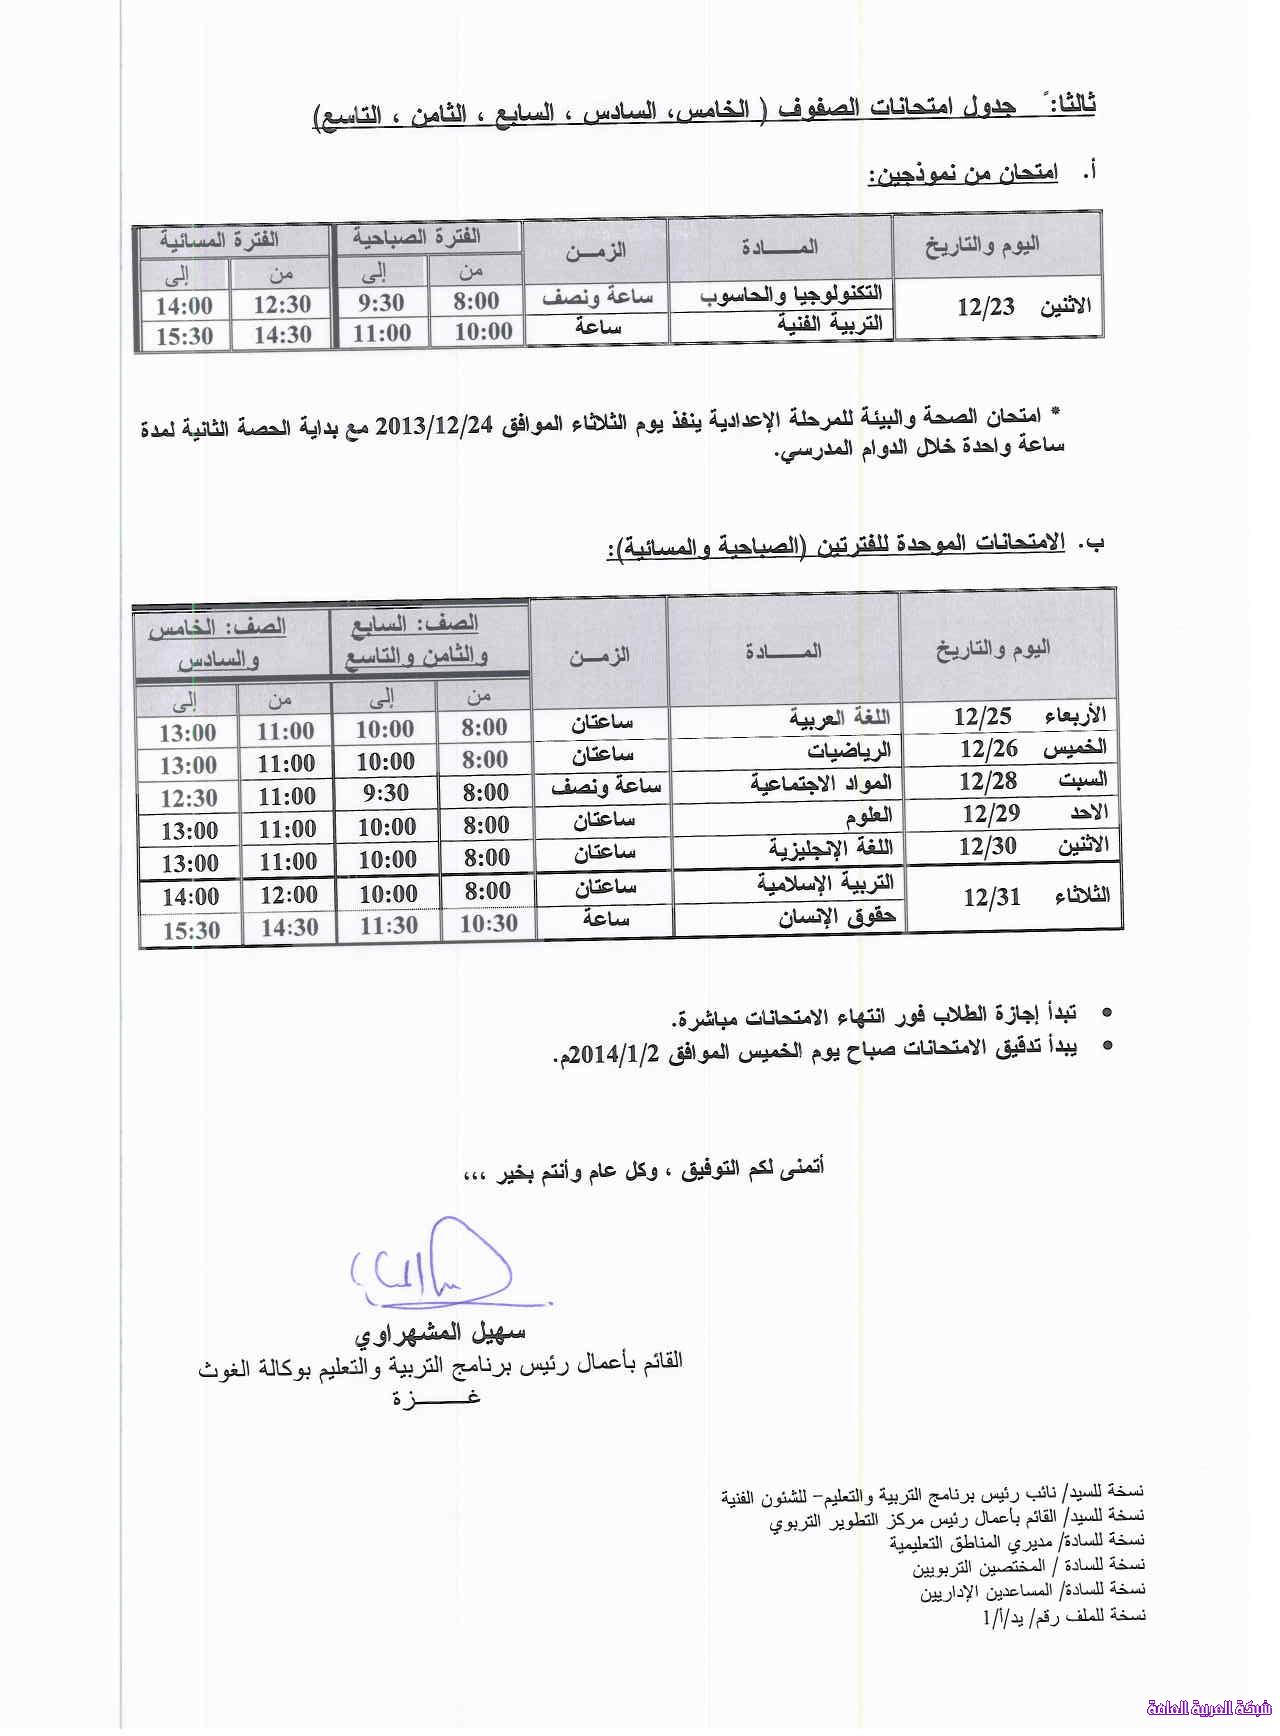 جدول امتحان نهاية الفصل الاول وكالة الغوث 1386079390122.png